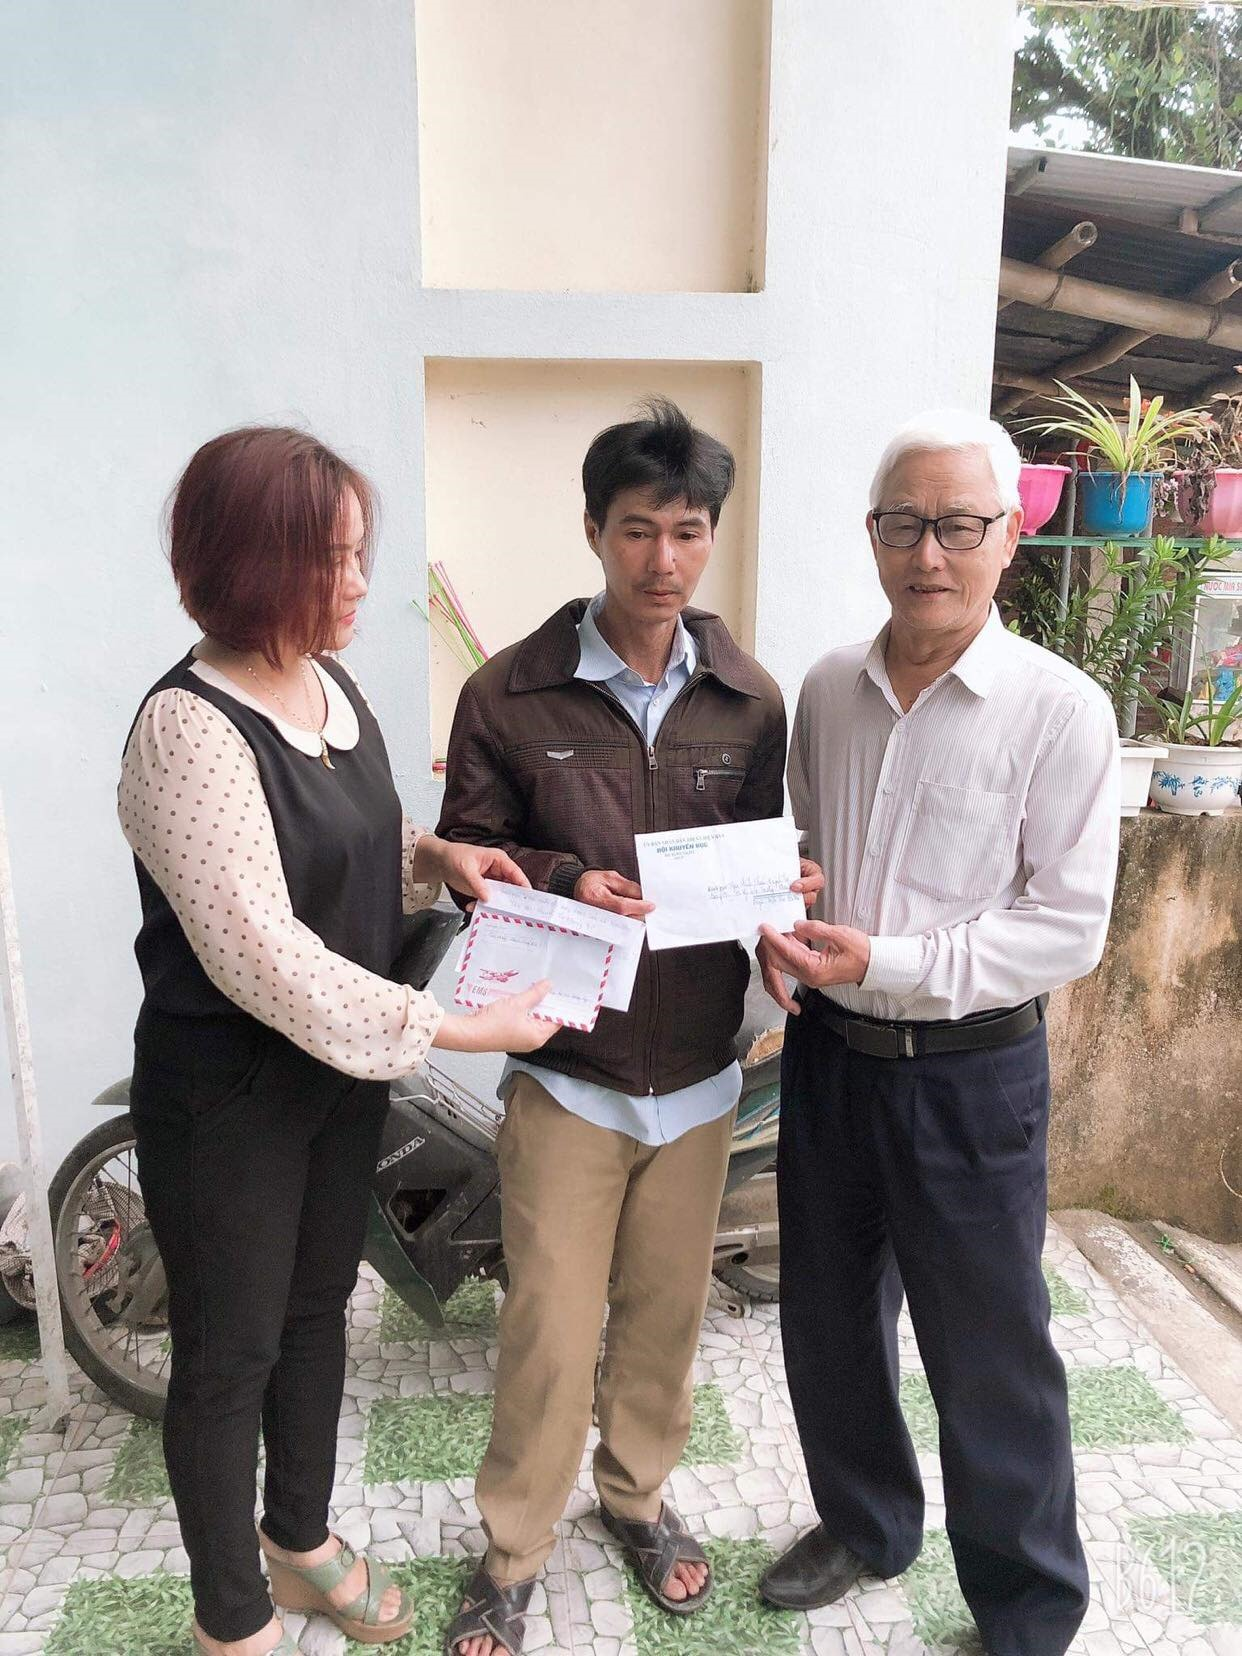 Hội Khuyến học xã Điện Thọ và giáo viên trường THCS Phan Thúc Duyện hỗ trợ học sinh mắc bệnh hiểm nghèo. Ảnh: N.Trang